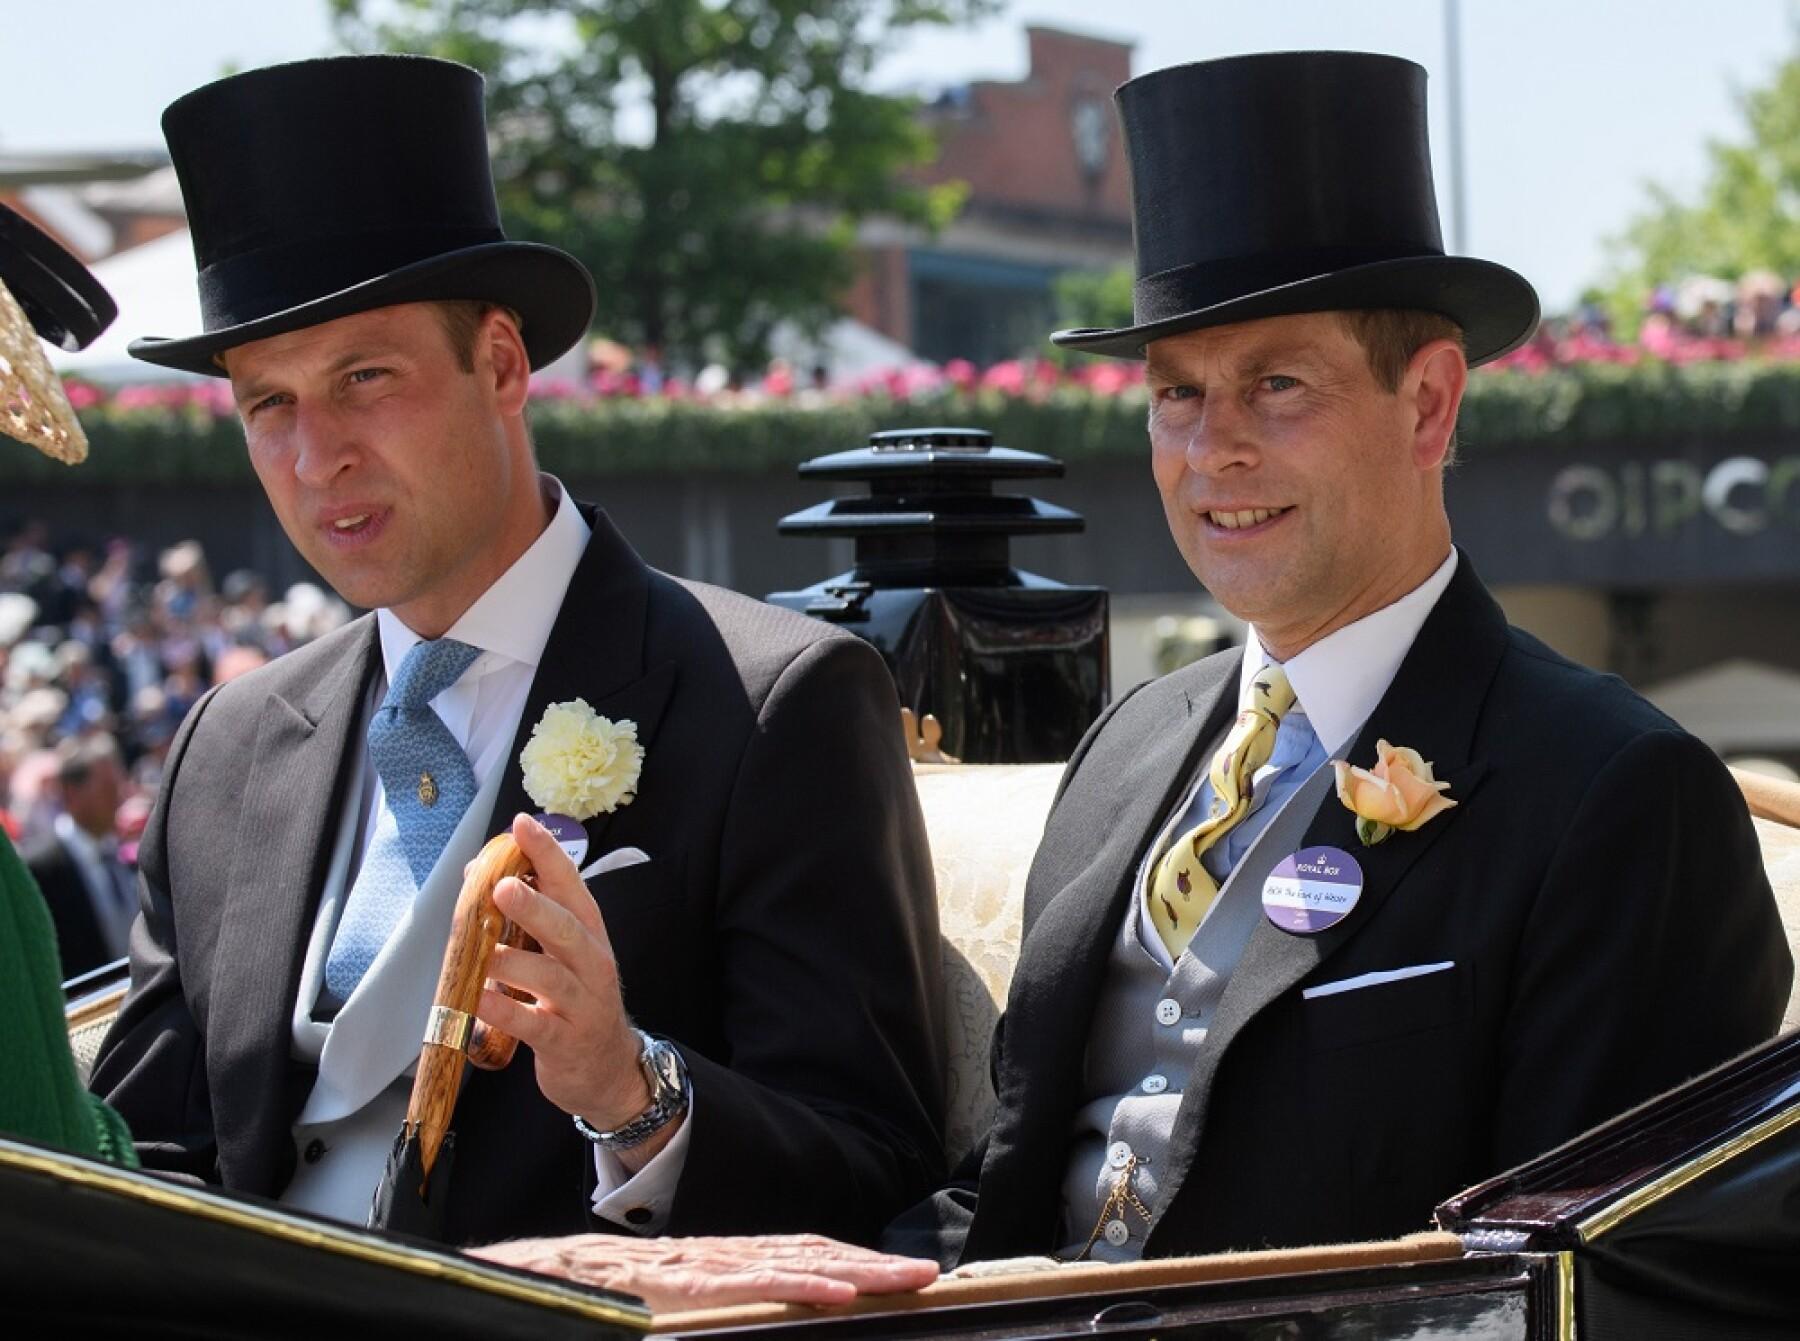 Príncipe William y el príncipe Andrés